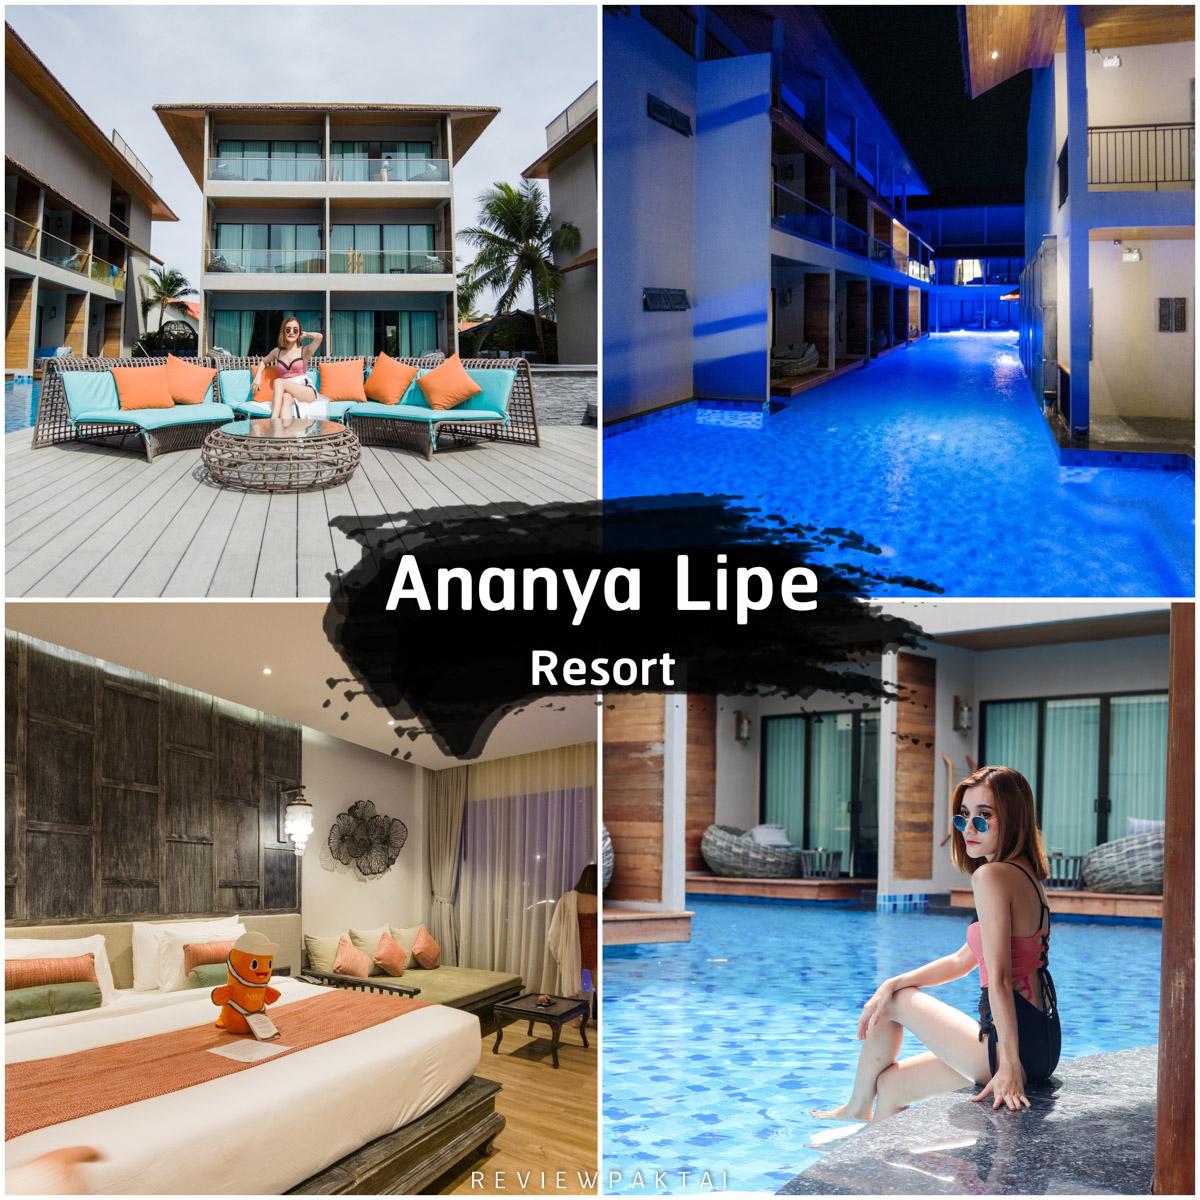 สำหรับจุดเช็คอินแรกๆ แบบว้าวๆ บนเกาะหลีเป๊ะ แอดมินแนะนำ Ananya Lipe Resort บอกเลยที่นี่รีสอร์ทเปิดใหม่ สวยงามดีไซน์เก๋ๆมากก ทั้งภายในและภายนอก สระน้ำจะเป็นสระน้ำฝนทั้งหมดรอบโรงแรมแบบปังๆ รายละเอียด คลิกจุดเช็คอิน,หลีเป๊ะ,สตูลสดยกกำลังสาม,satunwonderland,เที่ยวเมืองไทยAmazingกว่าเดิม,ชีพจรลงSouth